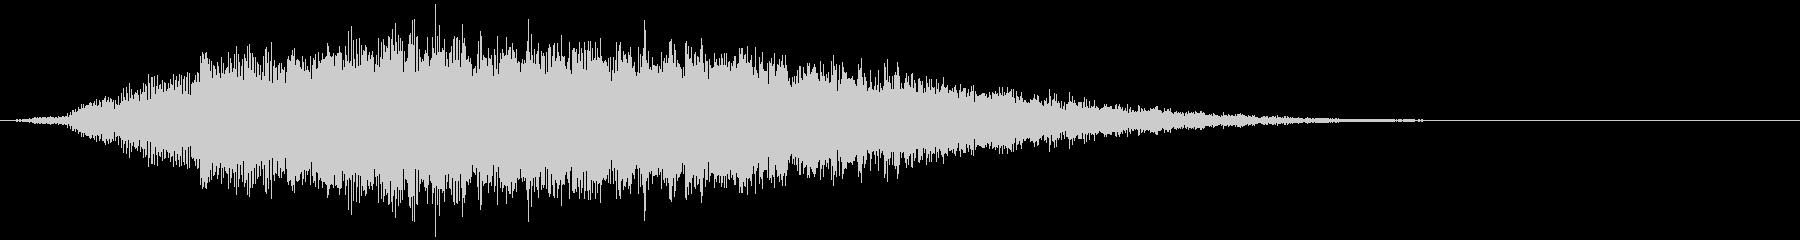 【タイトルロゴ】シネマティック_02の未再生の波形